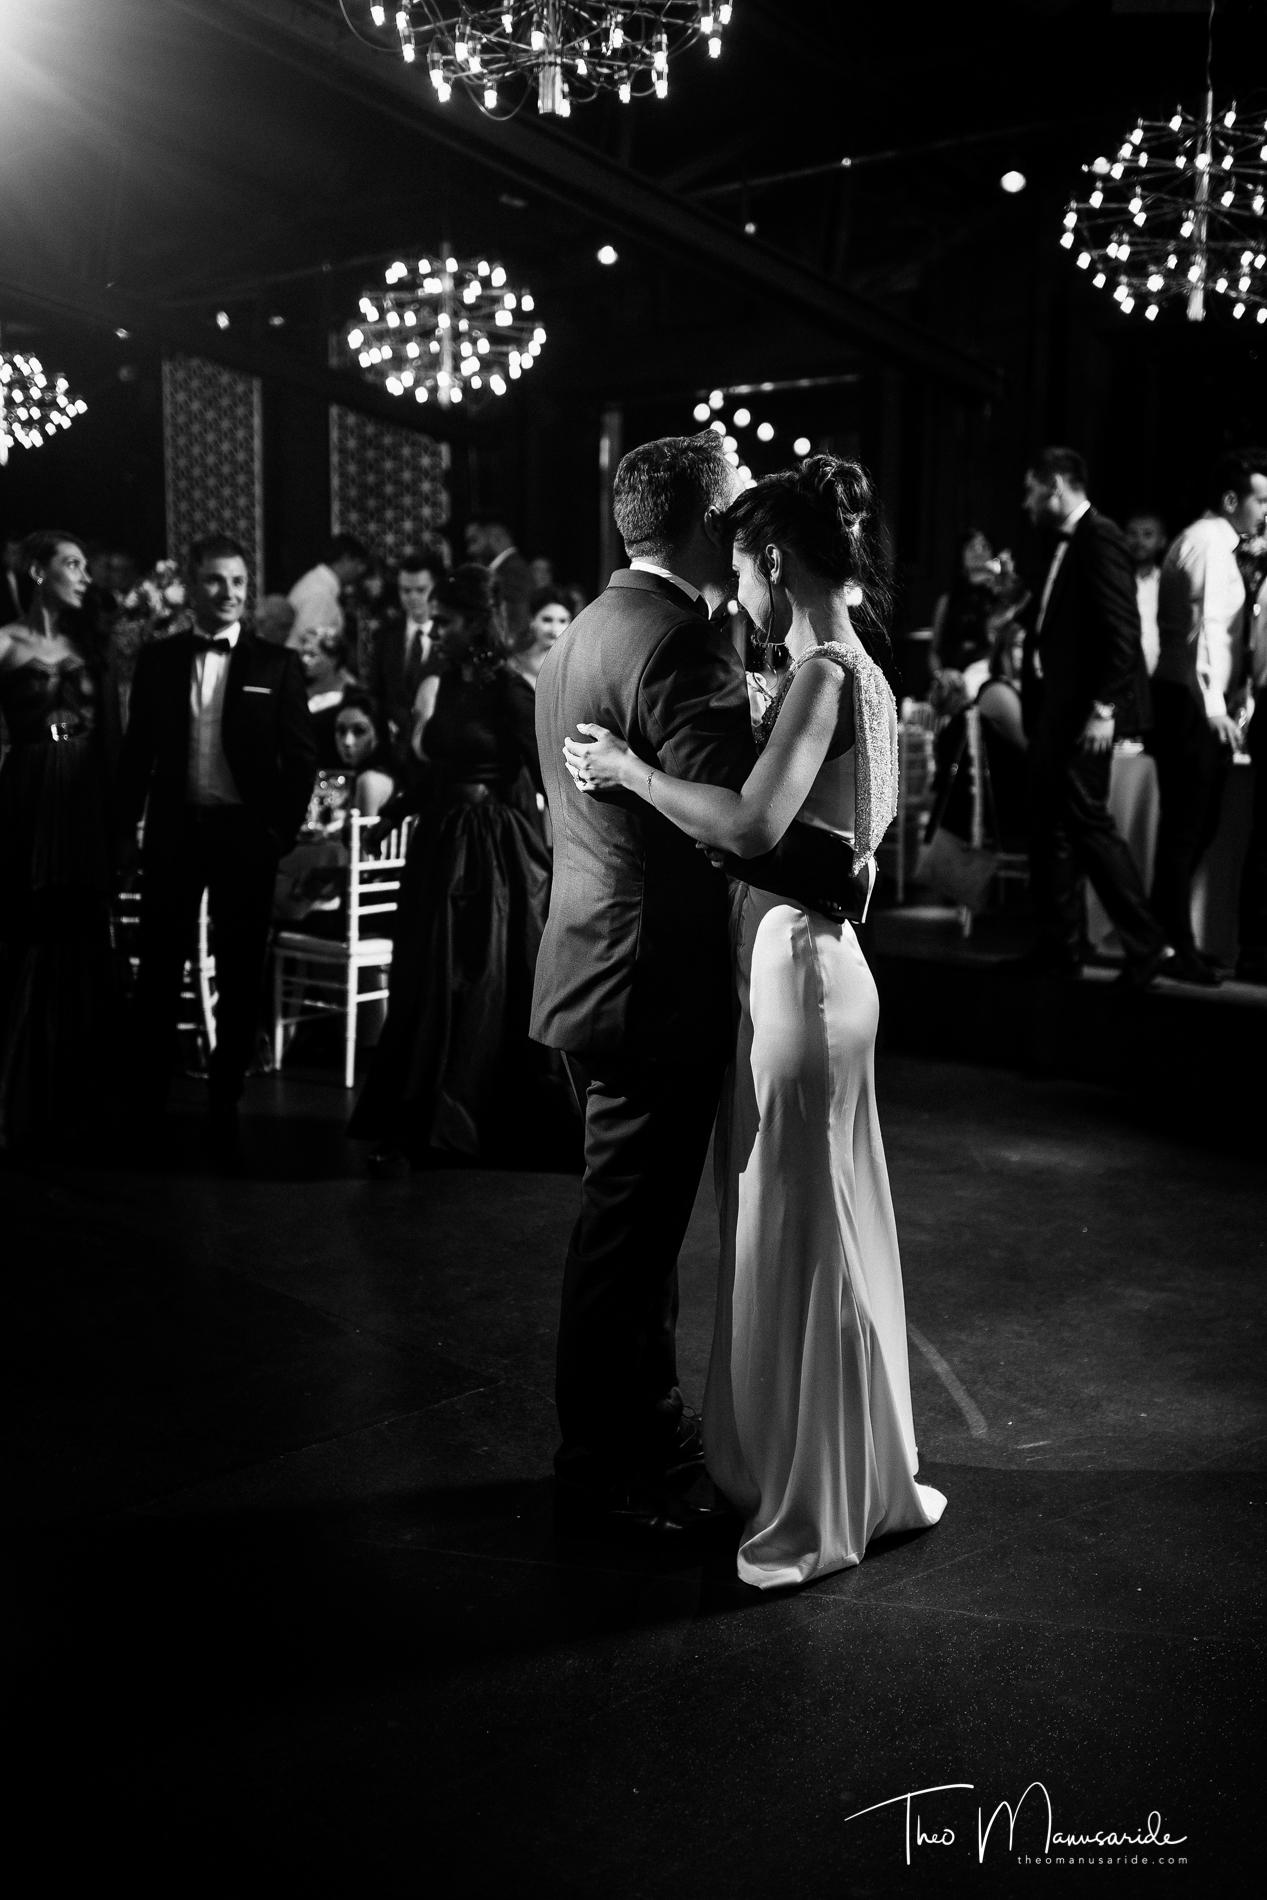 fotograf nunta fratelli-47